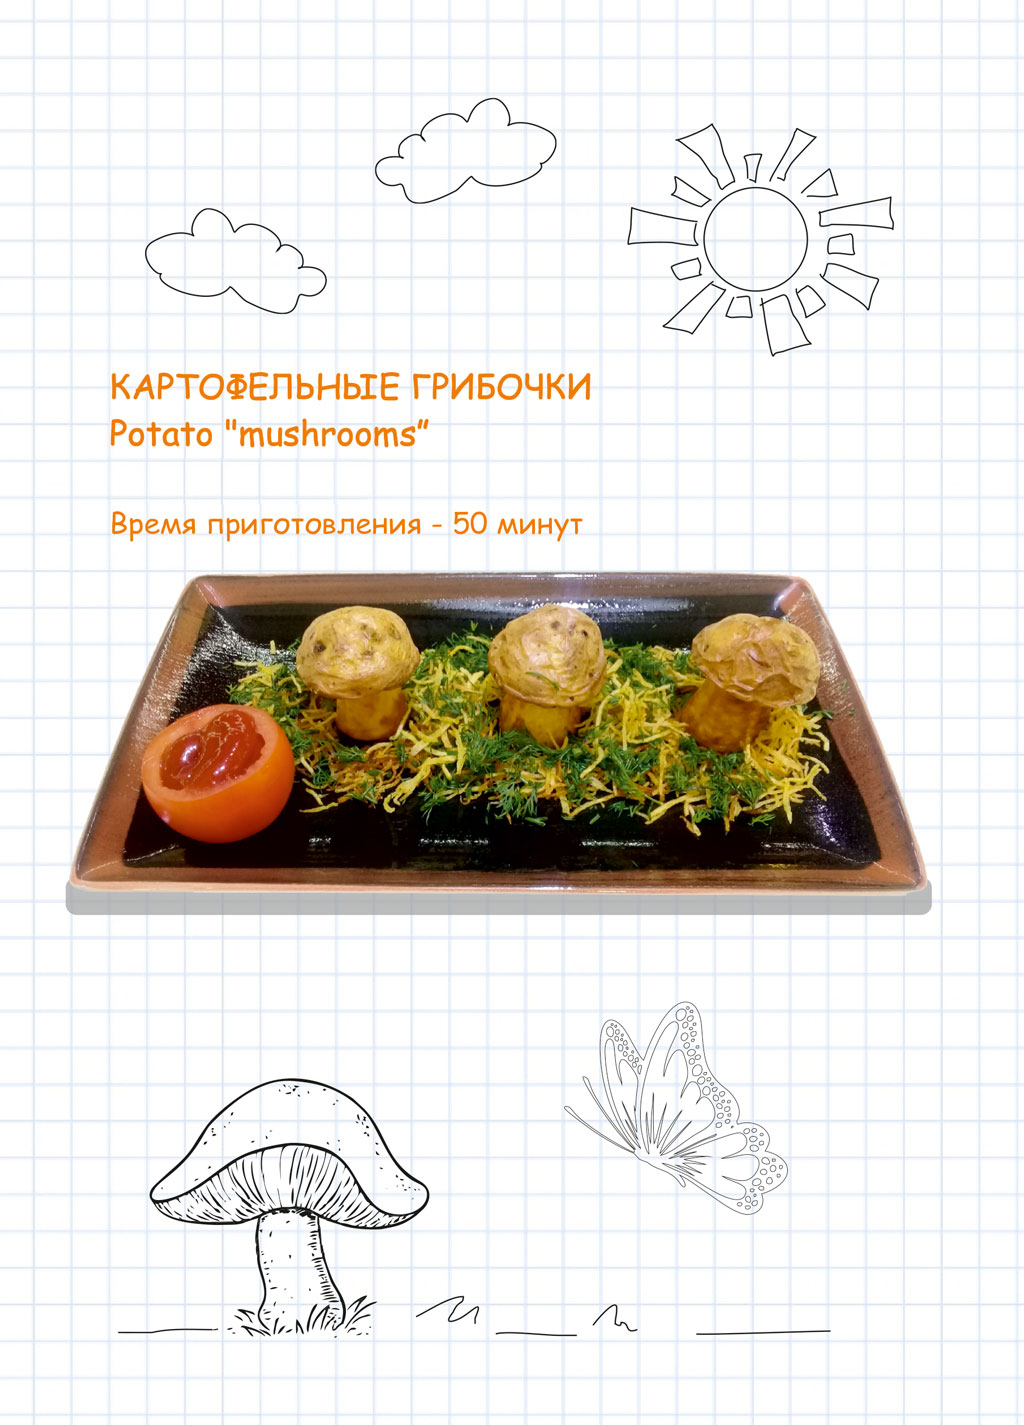 Картофельные грибочки (Potato «mushrooms») в ресторане Аннам Брахма в Оренбурге